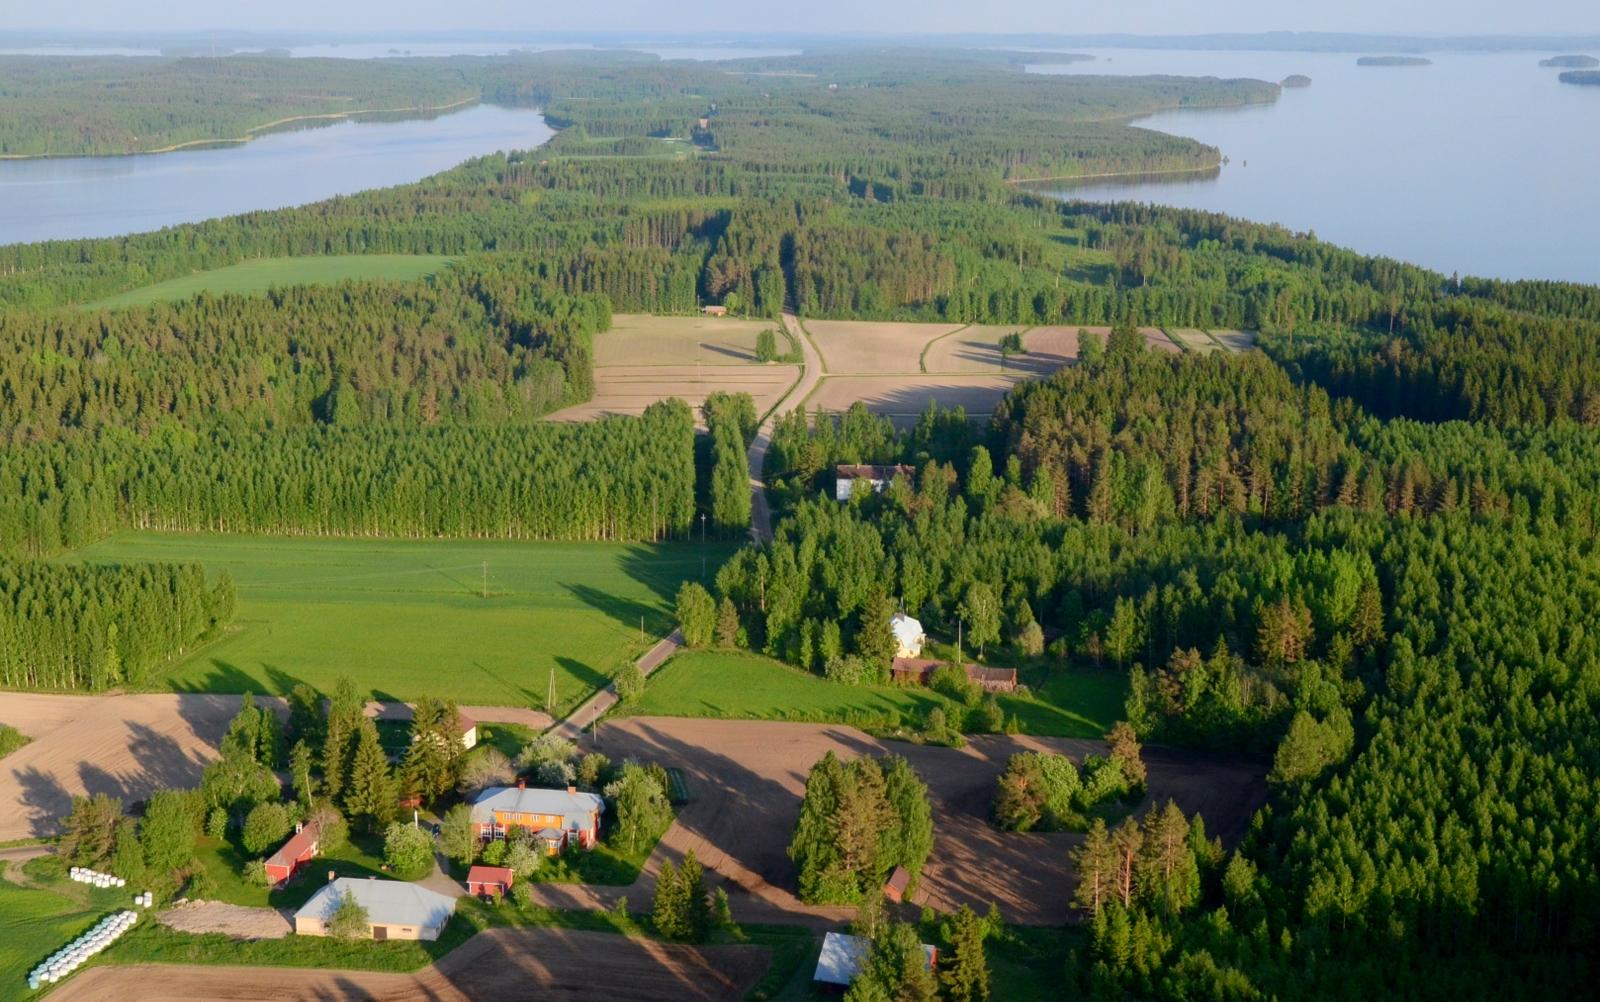 Tästä jatketaan uusista maisemista Vesannon Horonkylältä. Kuvassa Lypsylän tila. Vasemmalla Horonjärvi, oikealla Keitelejärven Kivenkorvanselkä.